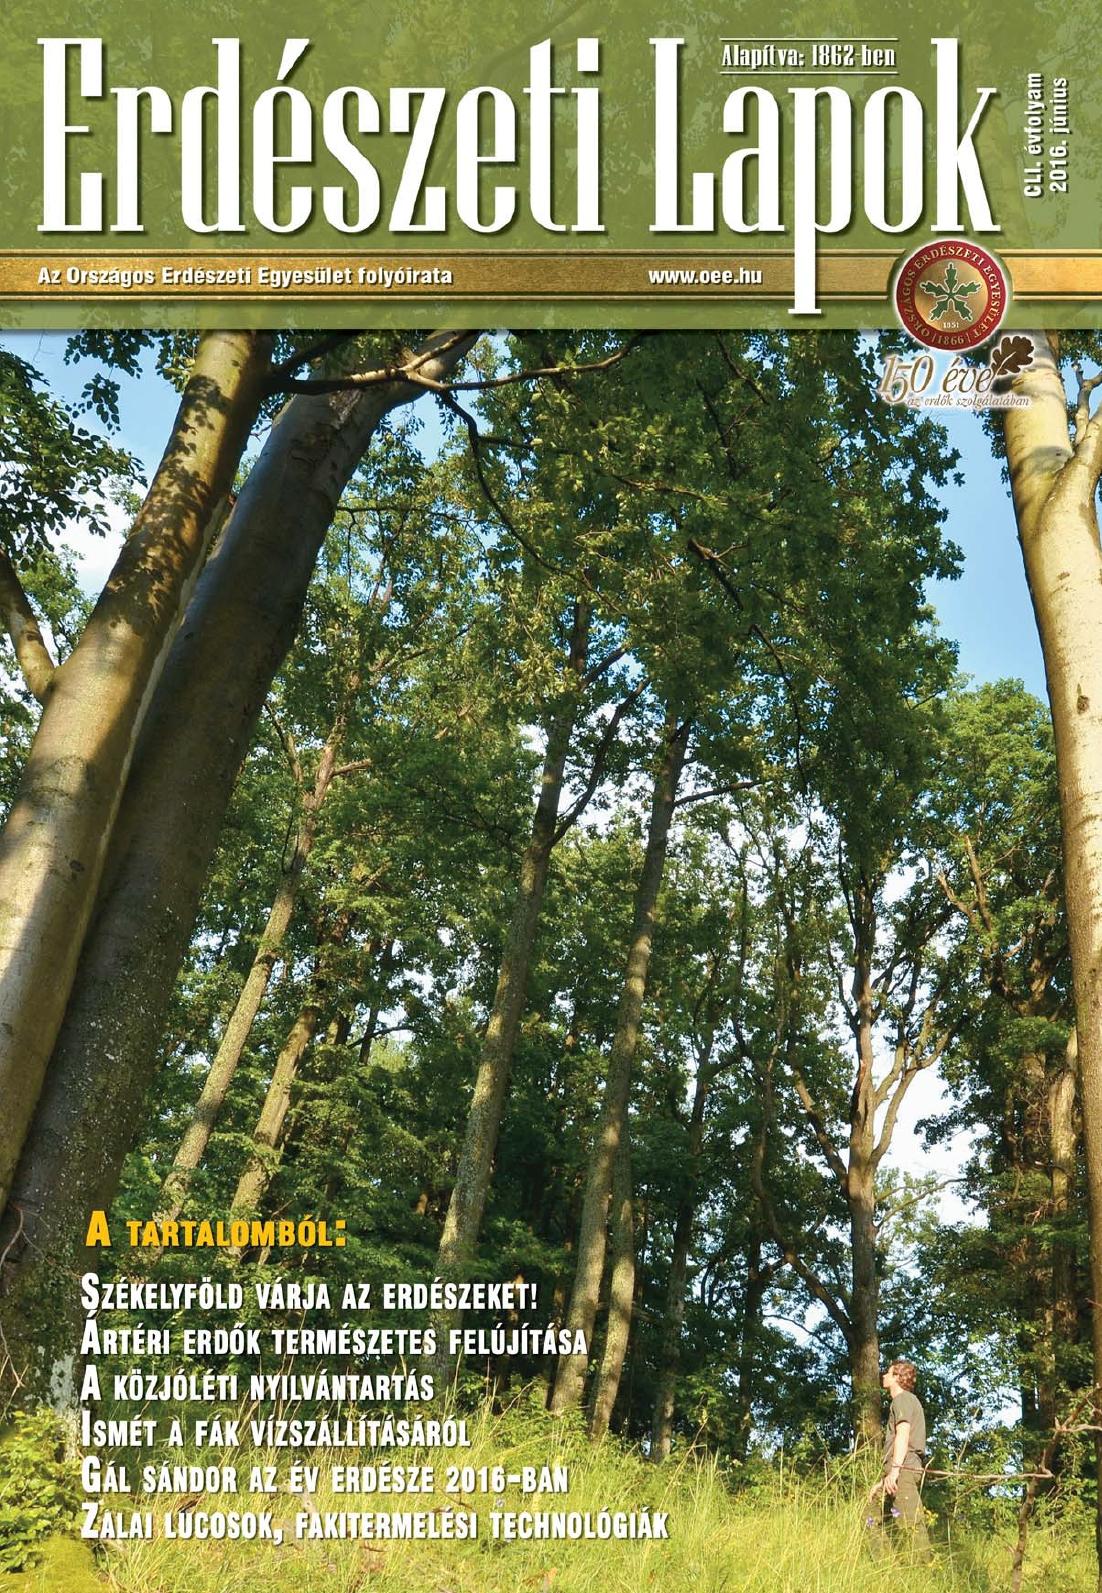 Erdészeti Lapok - 151. évfolyam - 2016. június